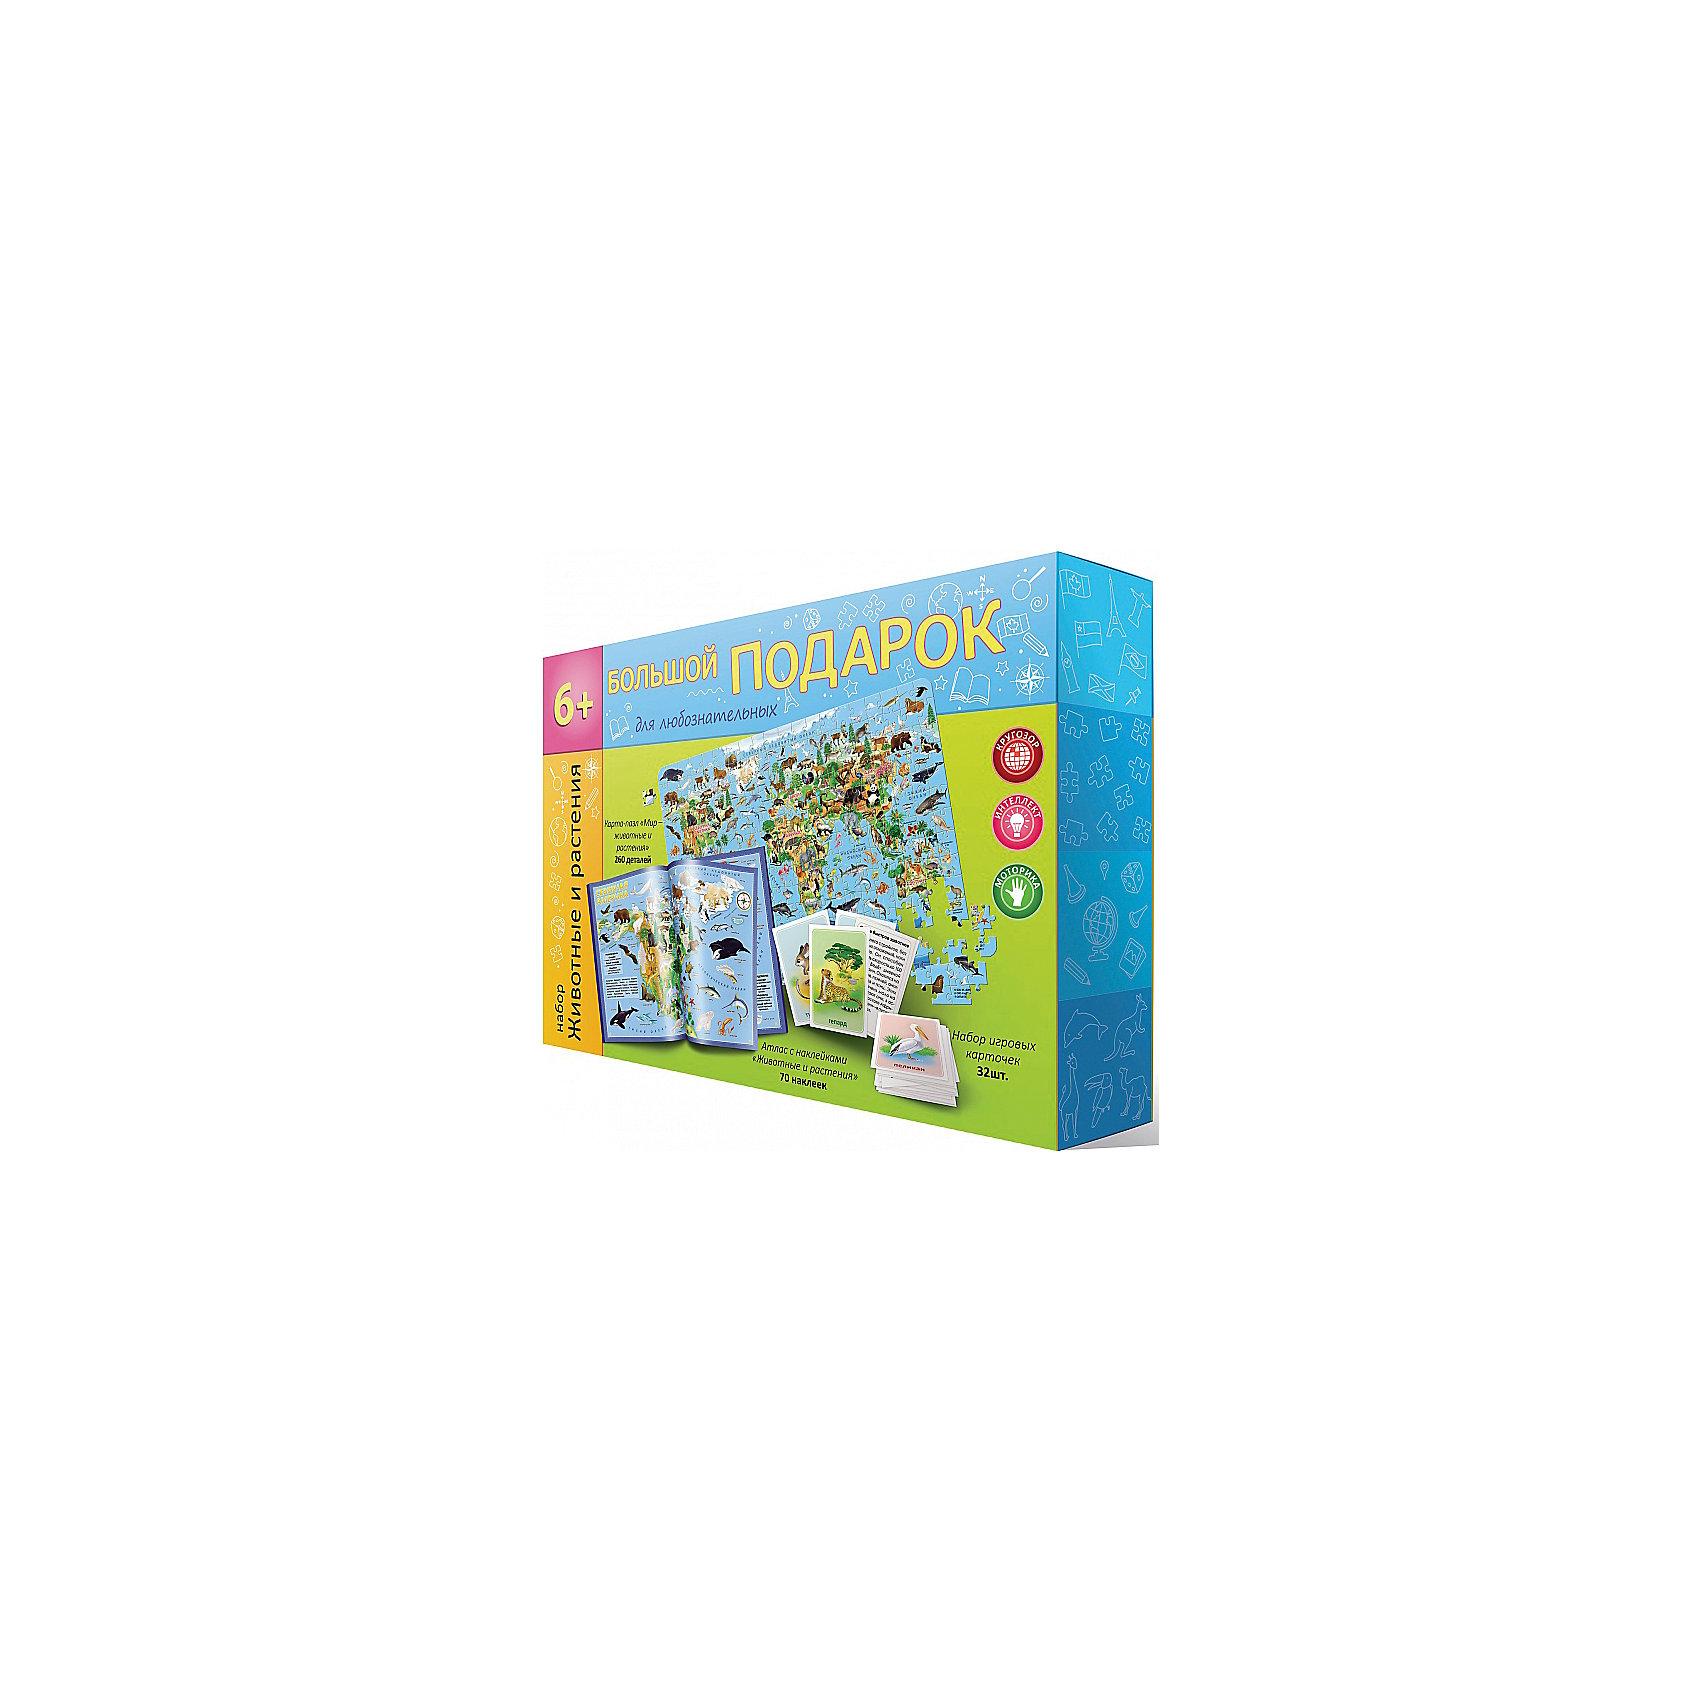 Пазл 260 деталей + Атлас с наклейками + Игровые карточкиАтласы и карты<br>Характеристики:<br><br>• возраст: от 6 лет<br>• в наборе: карта-пазл «Животный и растительный мир Земли» (260 деталей); атлас мира с наклейками «Животные и растения» (70 наклеек); 32 игровые карточки<br>• издательство: ГеоДом<br>• иллюстрации: цветные<br>• размер пазла в собранном виде: 33х47 см.<br>• размер атласа: 21х29,7 см.<br>• размер карточки: 5х7 см.<br>• упаковка: подарочная коробка<br>• размер: 31х22х5 см.<br>• вес: 493 гр.<br>• ISBN: 4607177453071<br><br>Набор направлен на многостороннее и комплексное изучение животного и растительного мира Земли.<br><br>Пазл «Животный и растительный мир Земли» содержит художественные изображения представителей флоры и фауны суши и океанов Земли, размещенные в соответствии с местом их обитания в дикой природе. На карте даны названия материков, океанов, островов и прочих географических объектов (знаменитые водопады, горы, вулканы и т.д.).<br><br>Атлас с наклейками «Животные и растения» можно использовать как первое учебное пособие по географии и окружающему миру, поскольку он содержит не только подробные сведения о животных и растениях, но и о континентах. Прекрасно оформленный, он воспитывает эстетический вкус, интерес к живой природе, формирует целостную картину мира.<br><br>Набор игровых карточек направлен на изучение отличительных характеристик отдельных животных.<br><br>Пазл 260 деталей + Атлас с наклейками + Игровые карточки можно купить в нашем интернет-магазине.<br><br>Ширина мм: 310<br>Глубина мм: 220<br>Высота мм: 50<br>Вес г: 493<br>Возраст от месяцев: 72<br>Возраст до месяцев: 2147483647<br>Пол: Унисекс<br>Возраст: Детский<br>SKU: 6845936